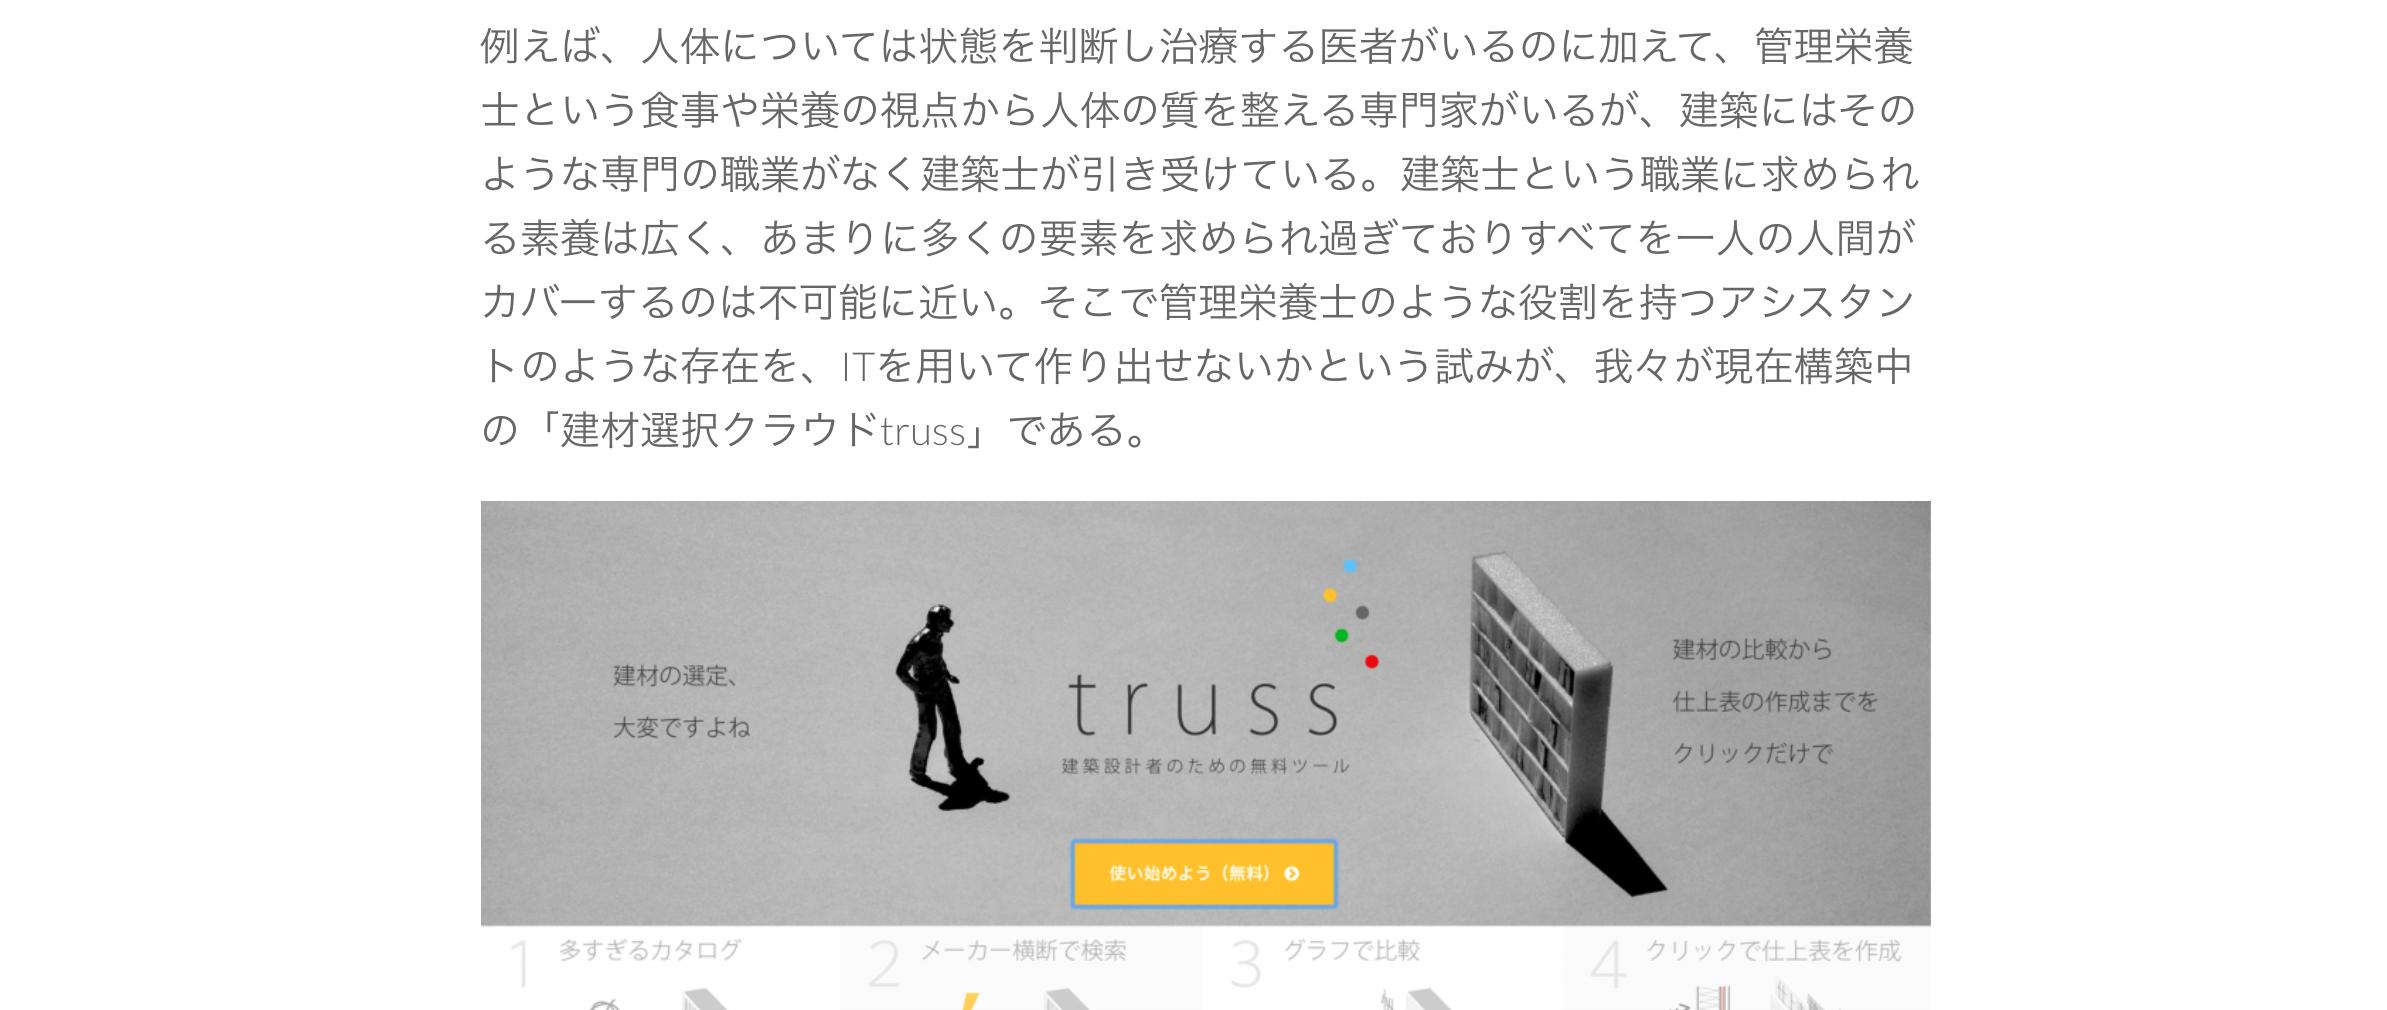 公益社団法人日本建築士連合会の機関誌『建築士』に代表執筆記事が掲載されました